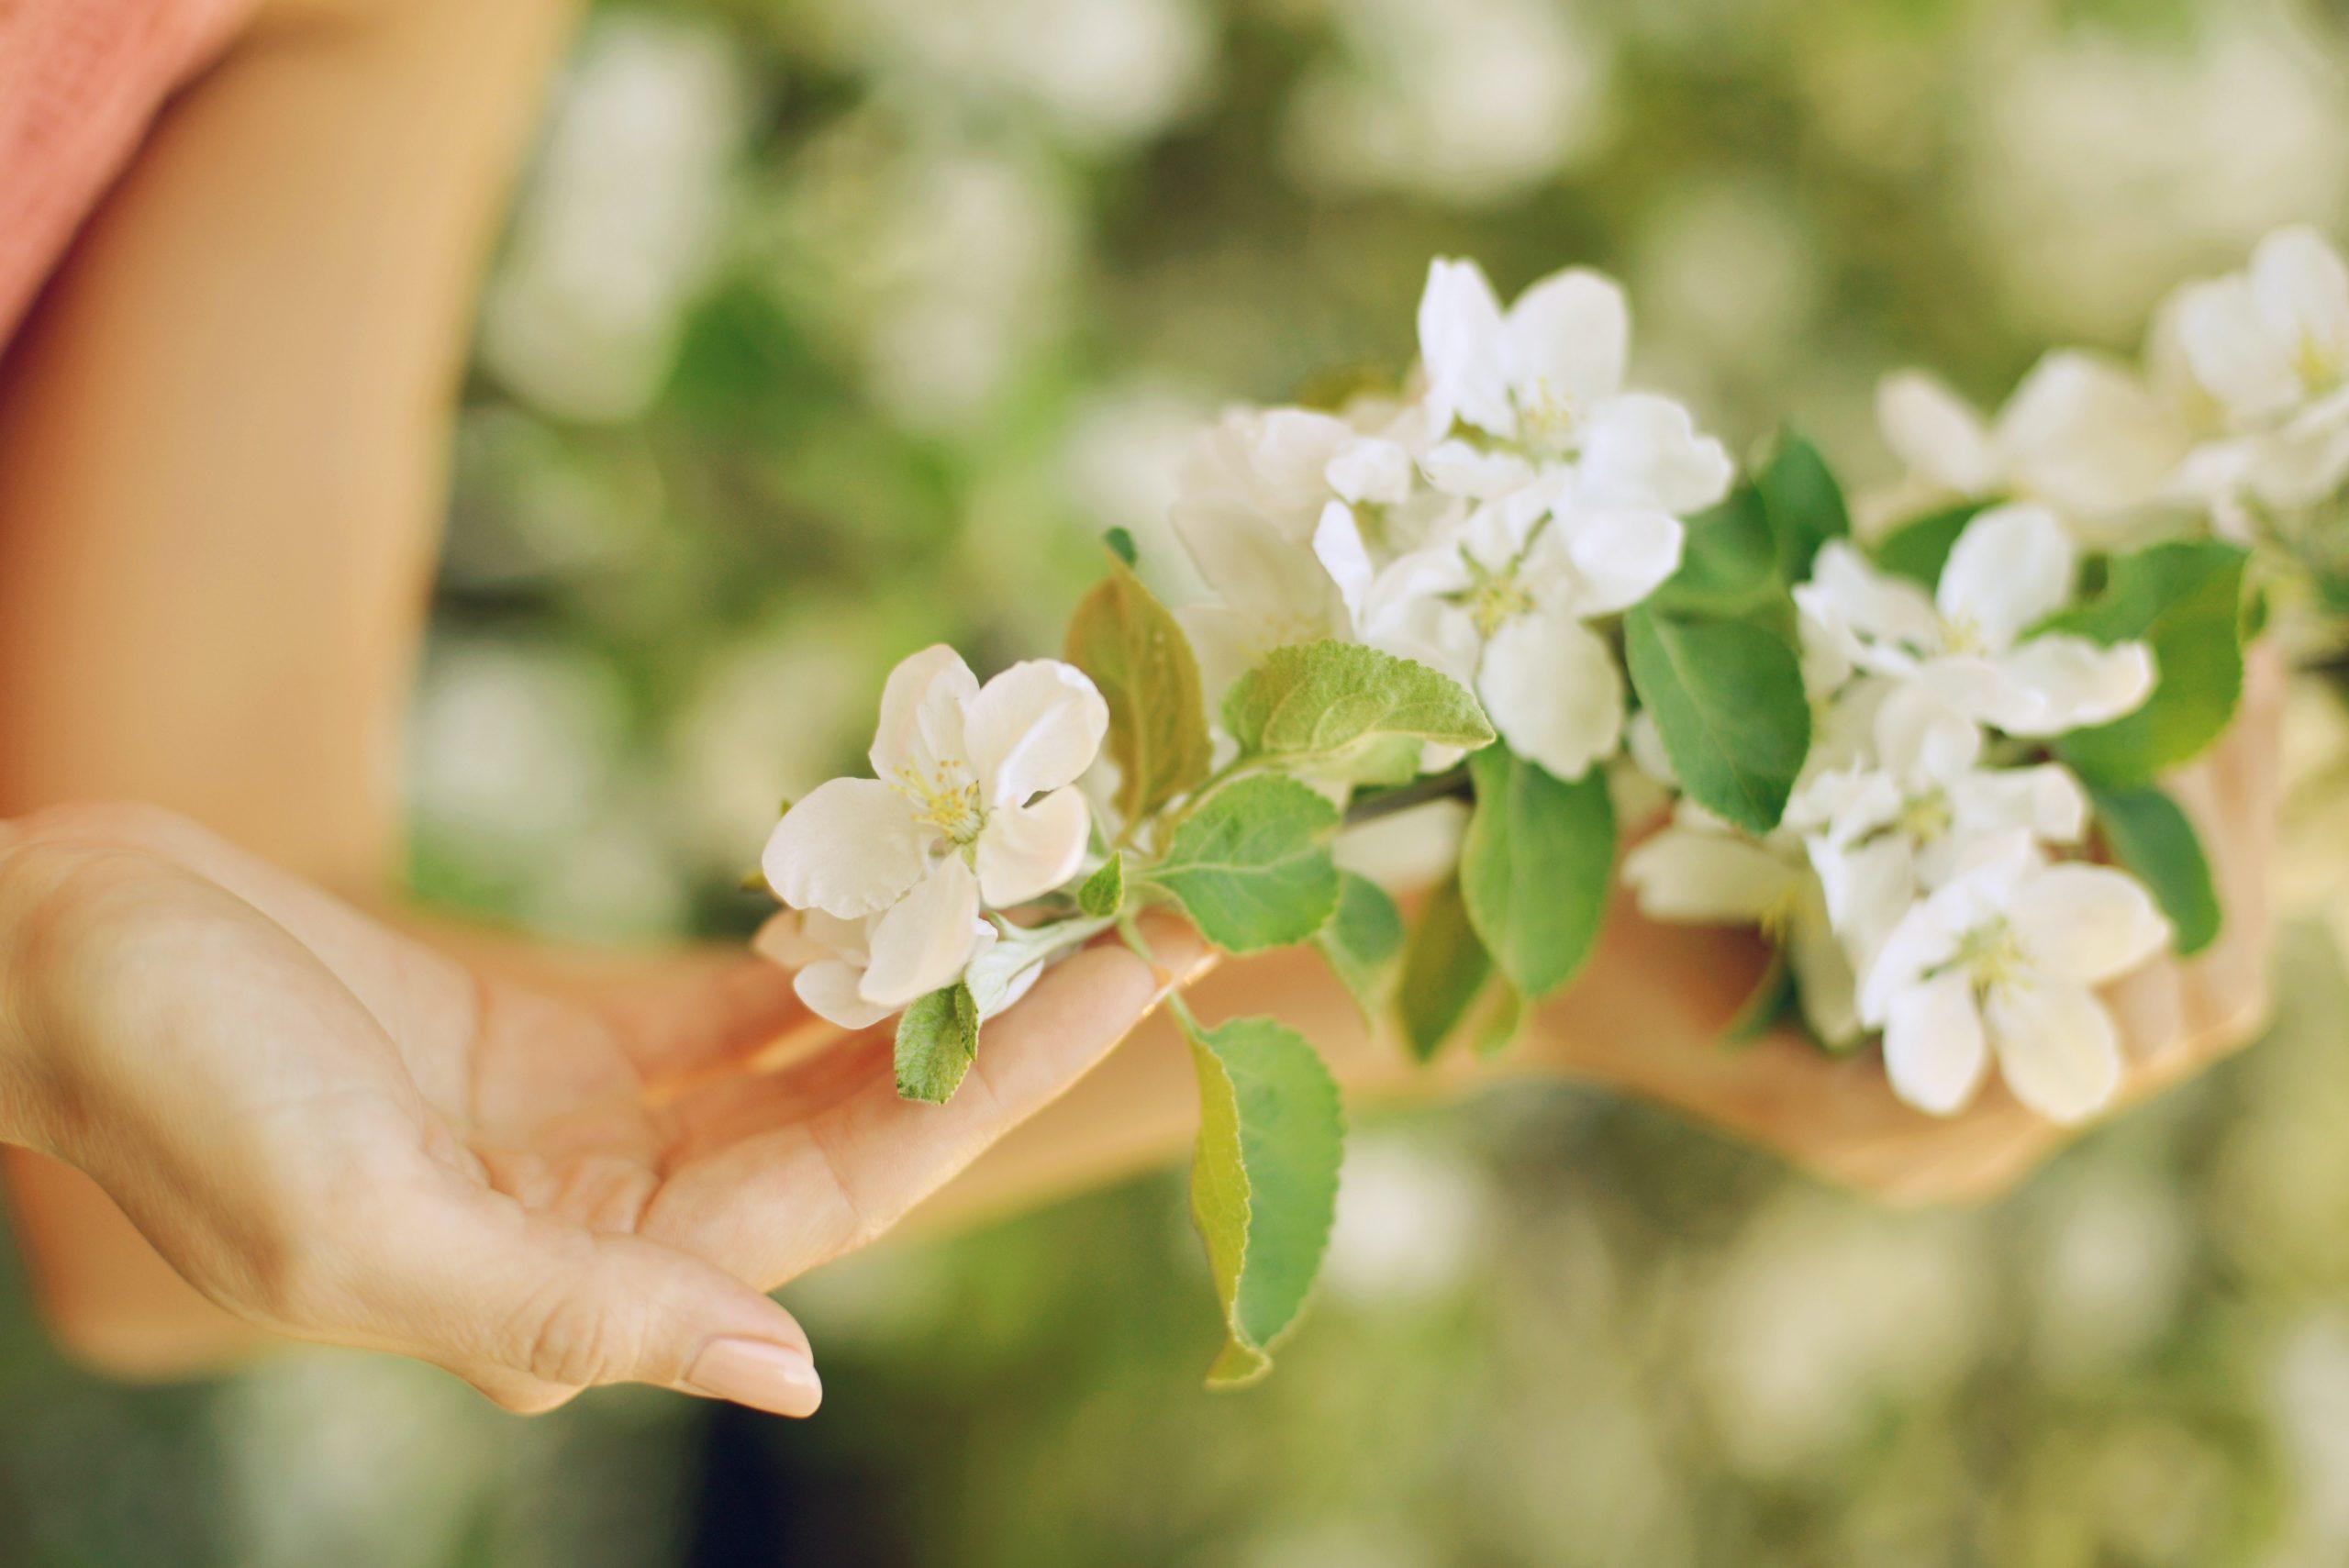 crecimiento_personal_flores_bach_medicina_natural